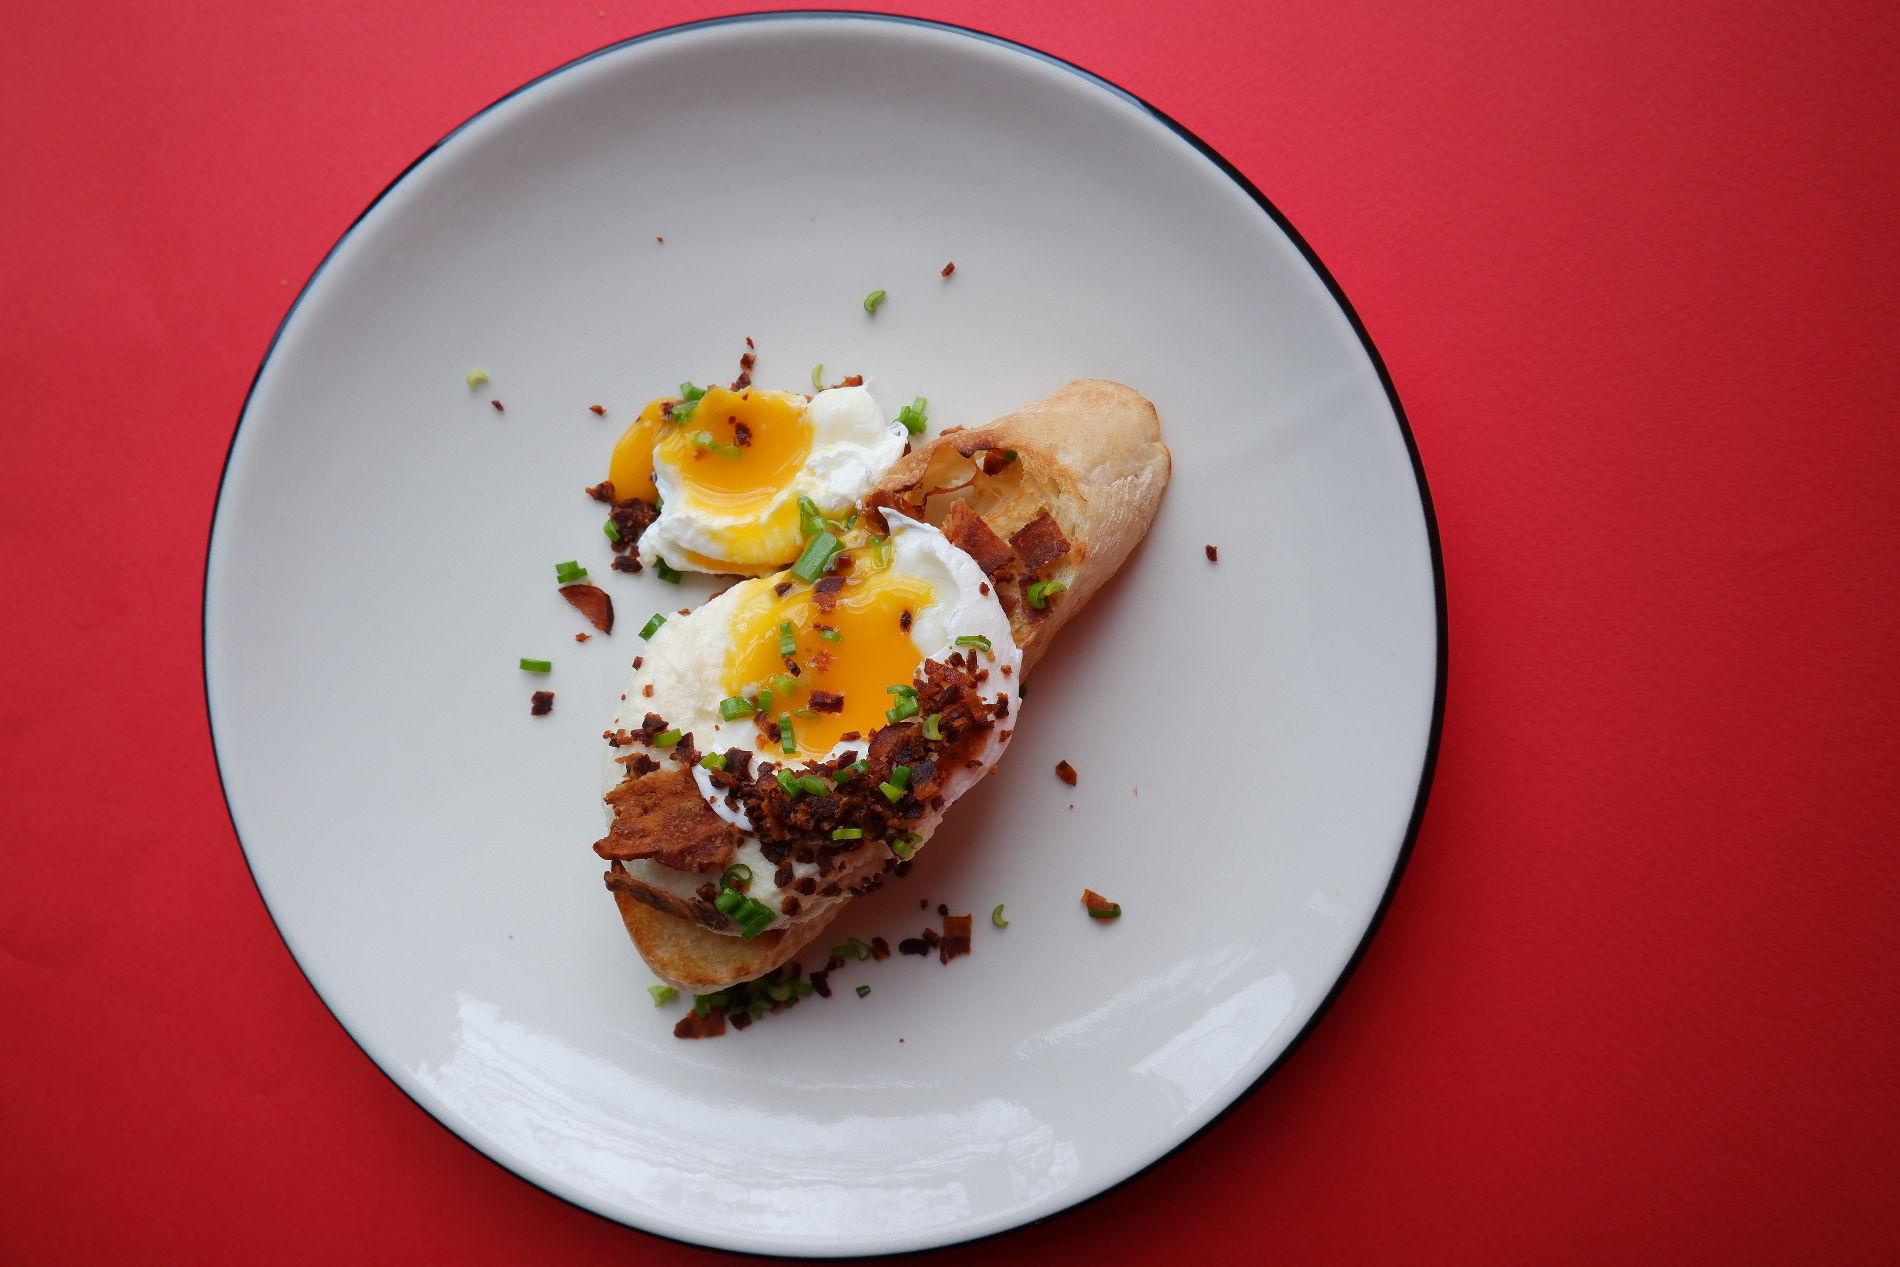 Брускетта чиабатта с сыром и беконом ©Фото предоставлено PR-службой Mr. Drunke Bar